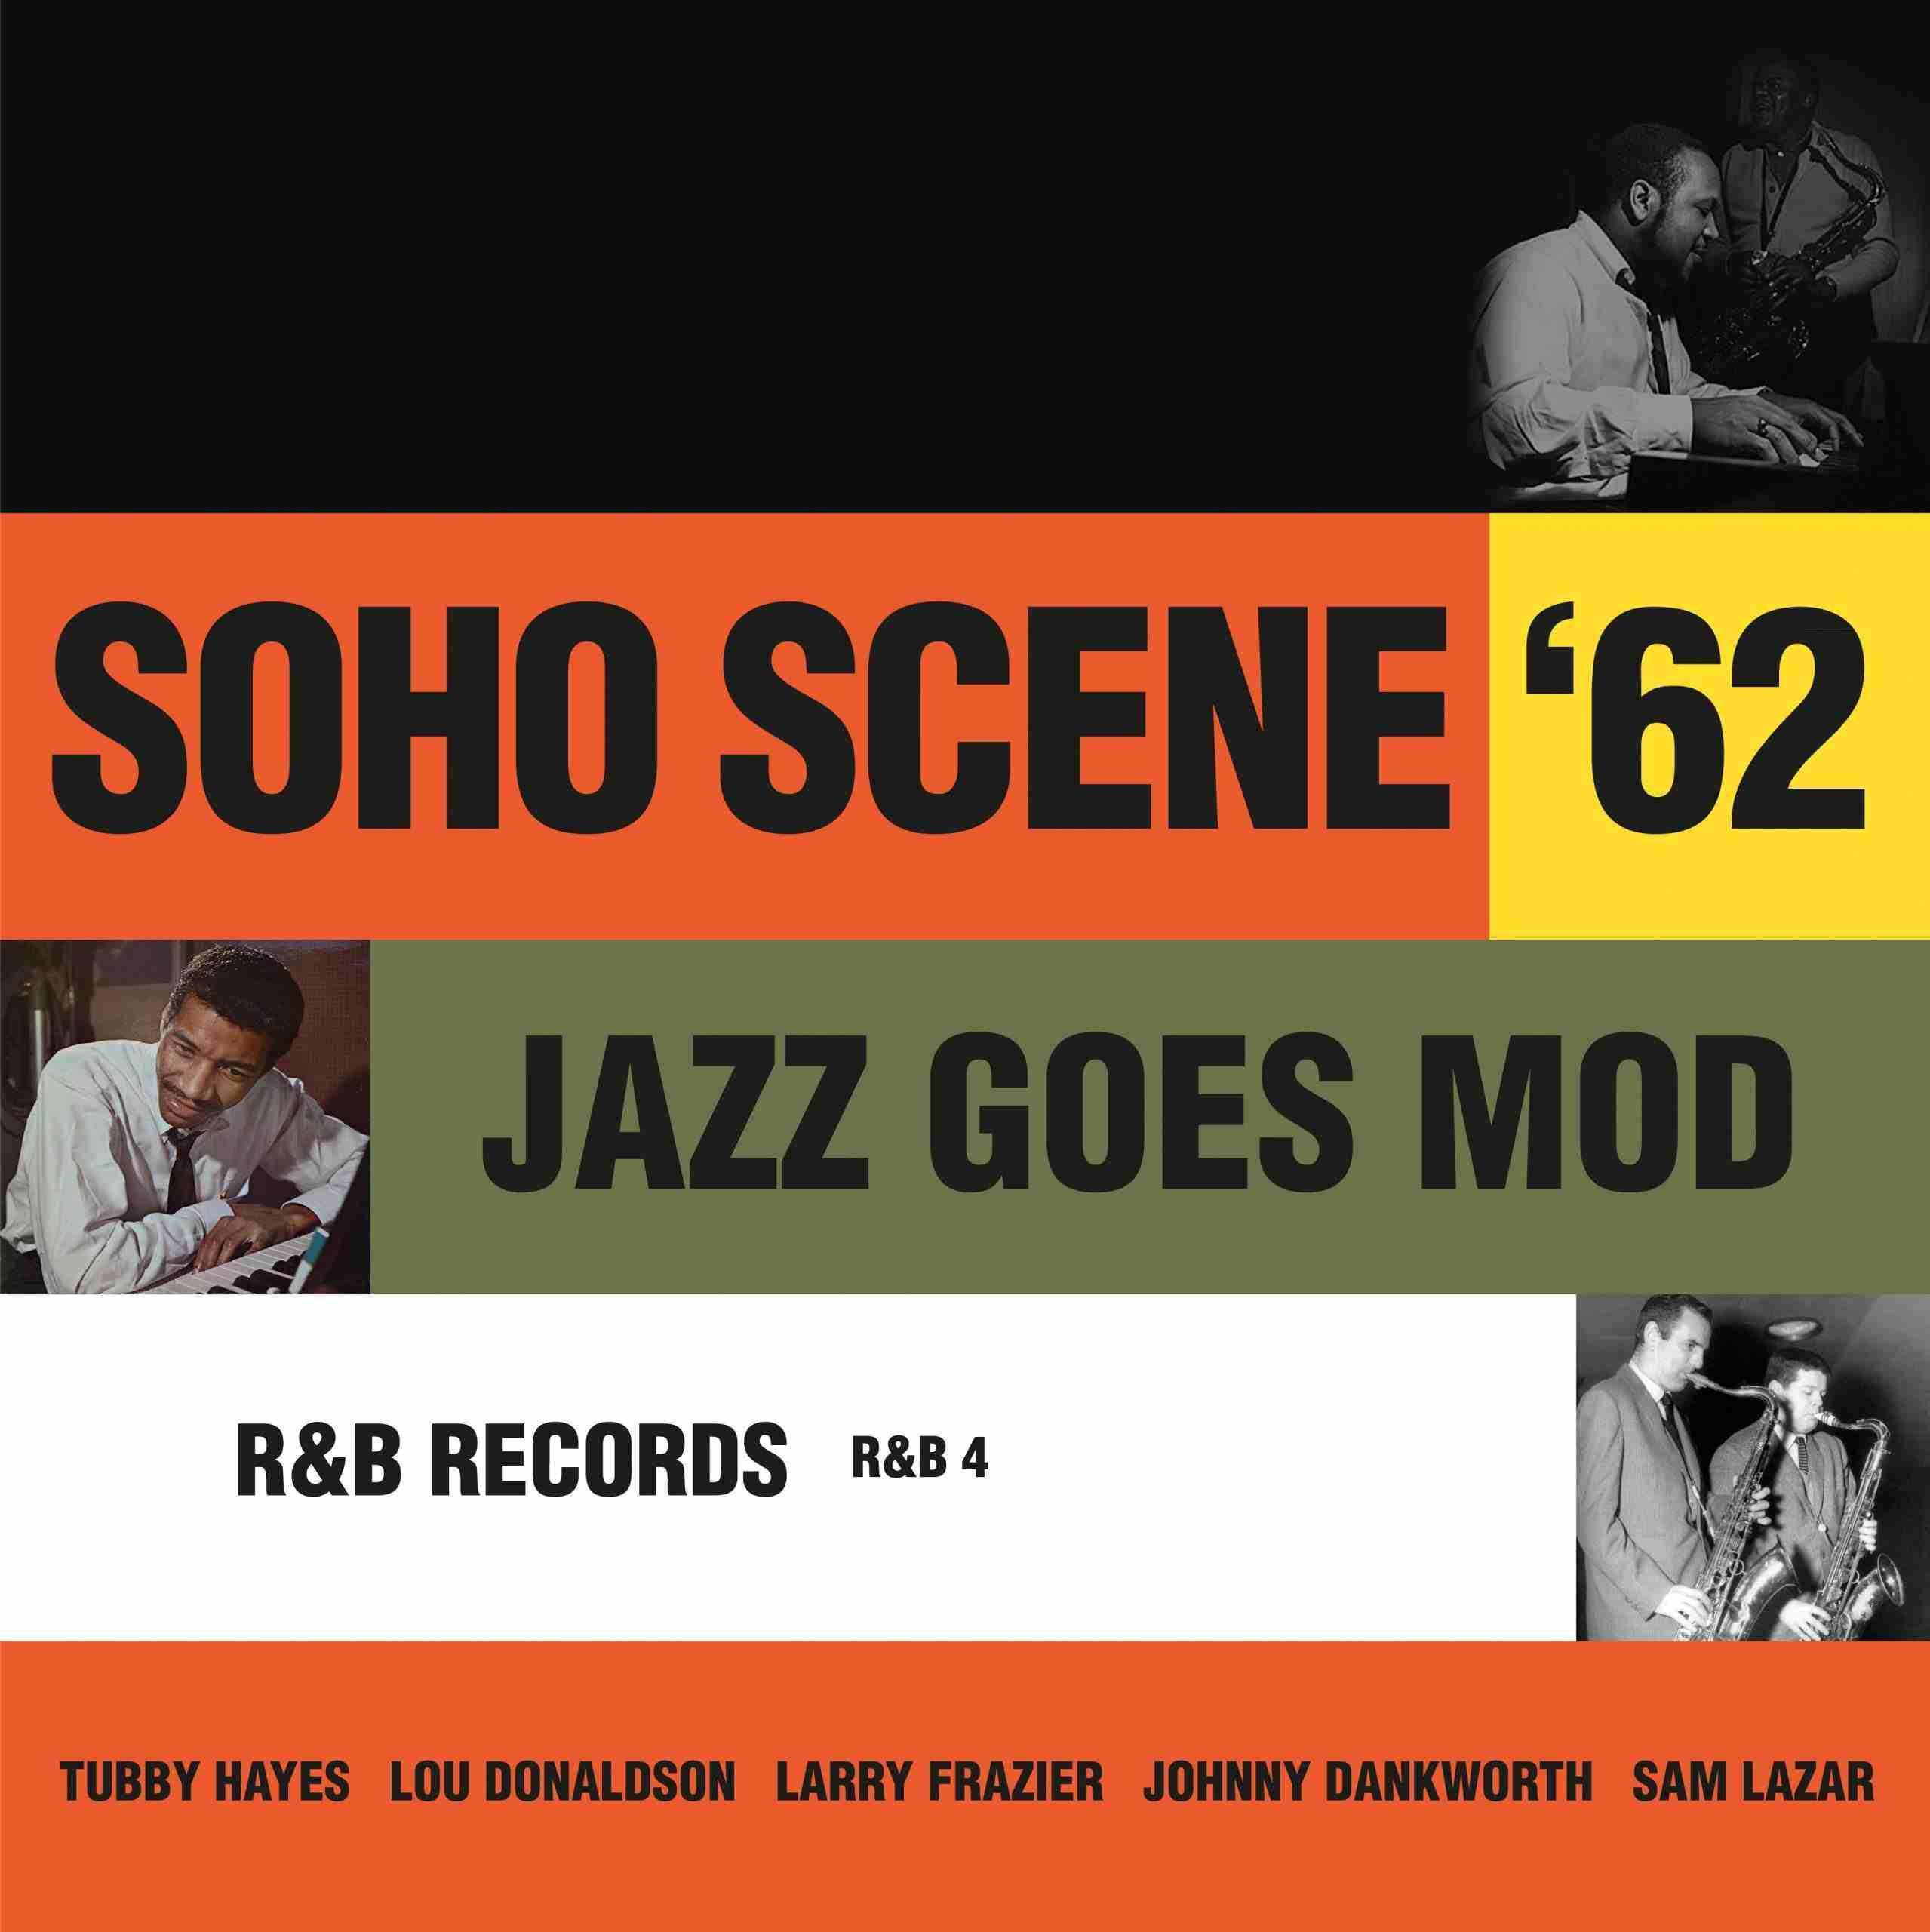 Soho Scene '62 Jazz Goes Mod